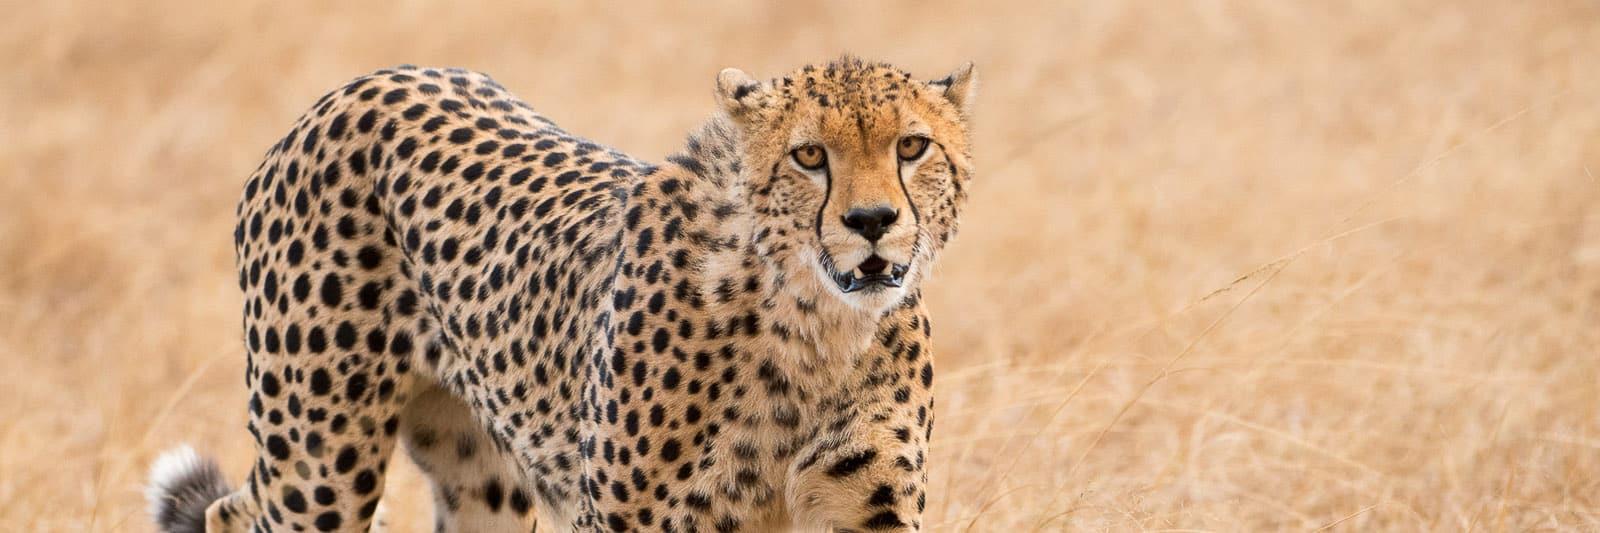 Ethics in Wildlife Photography